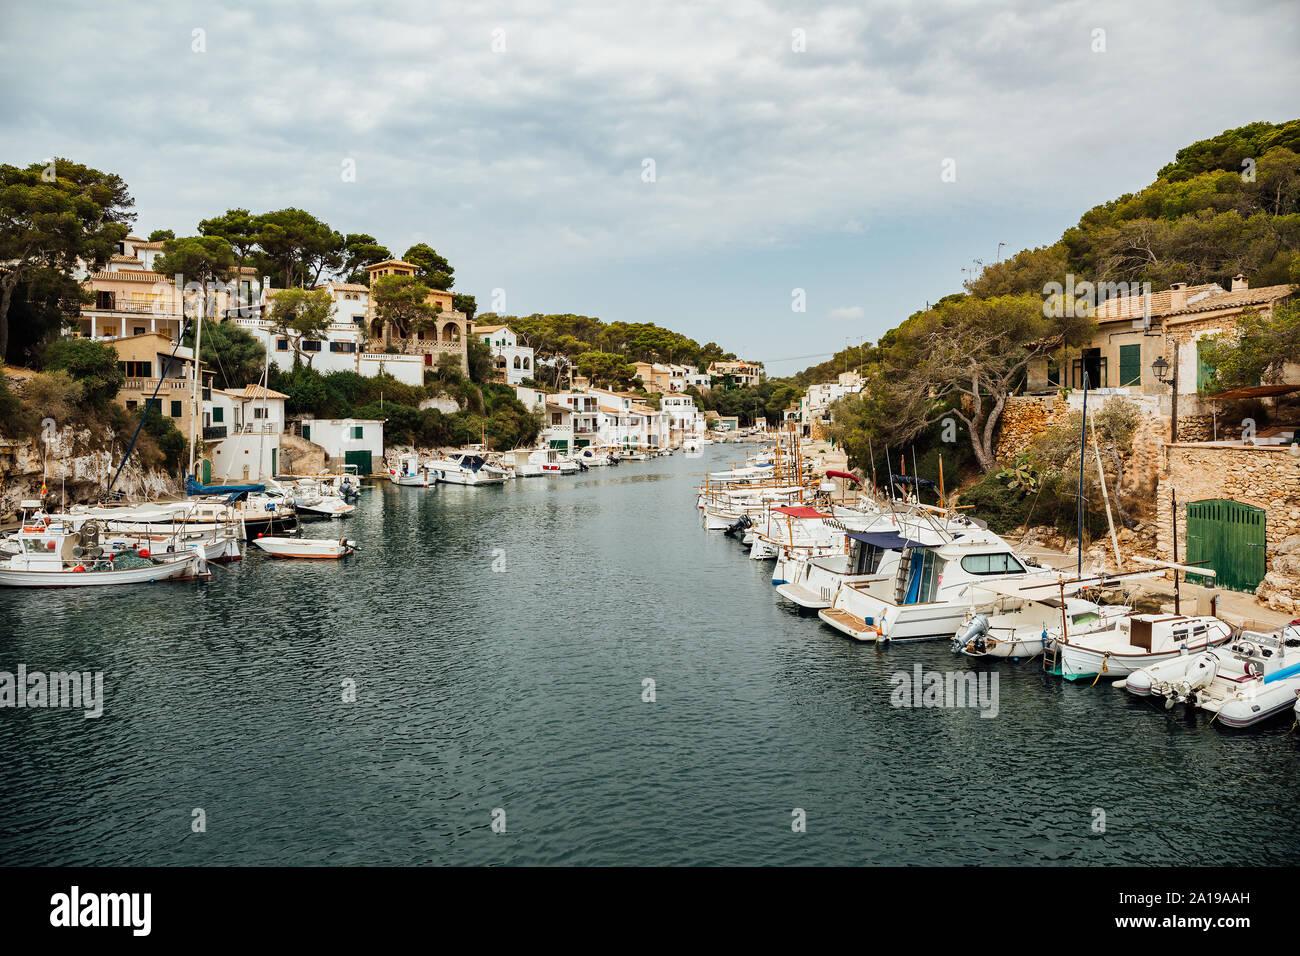 Das alte Fischerdorf Hafen von Cala Figuera, Mallorca, Balearen, Spanien. Stockfoto